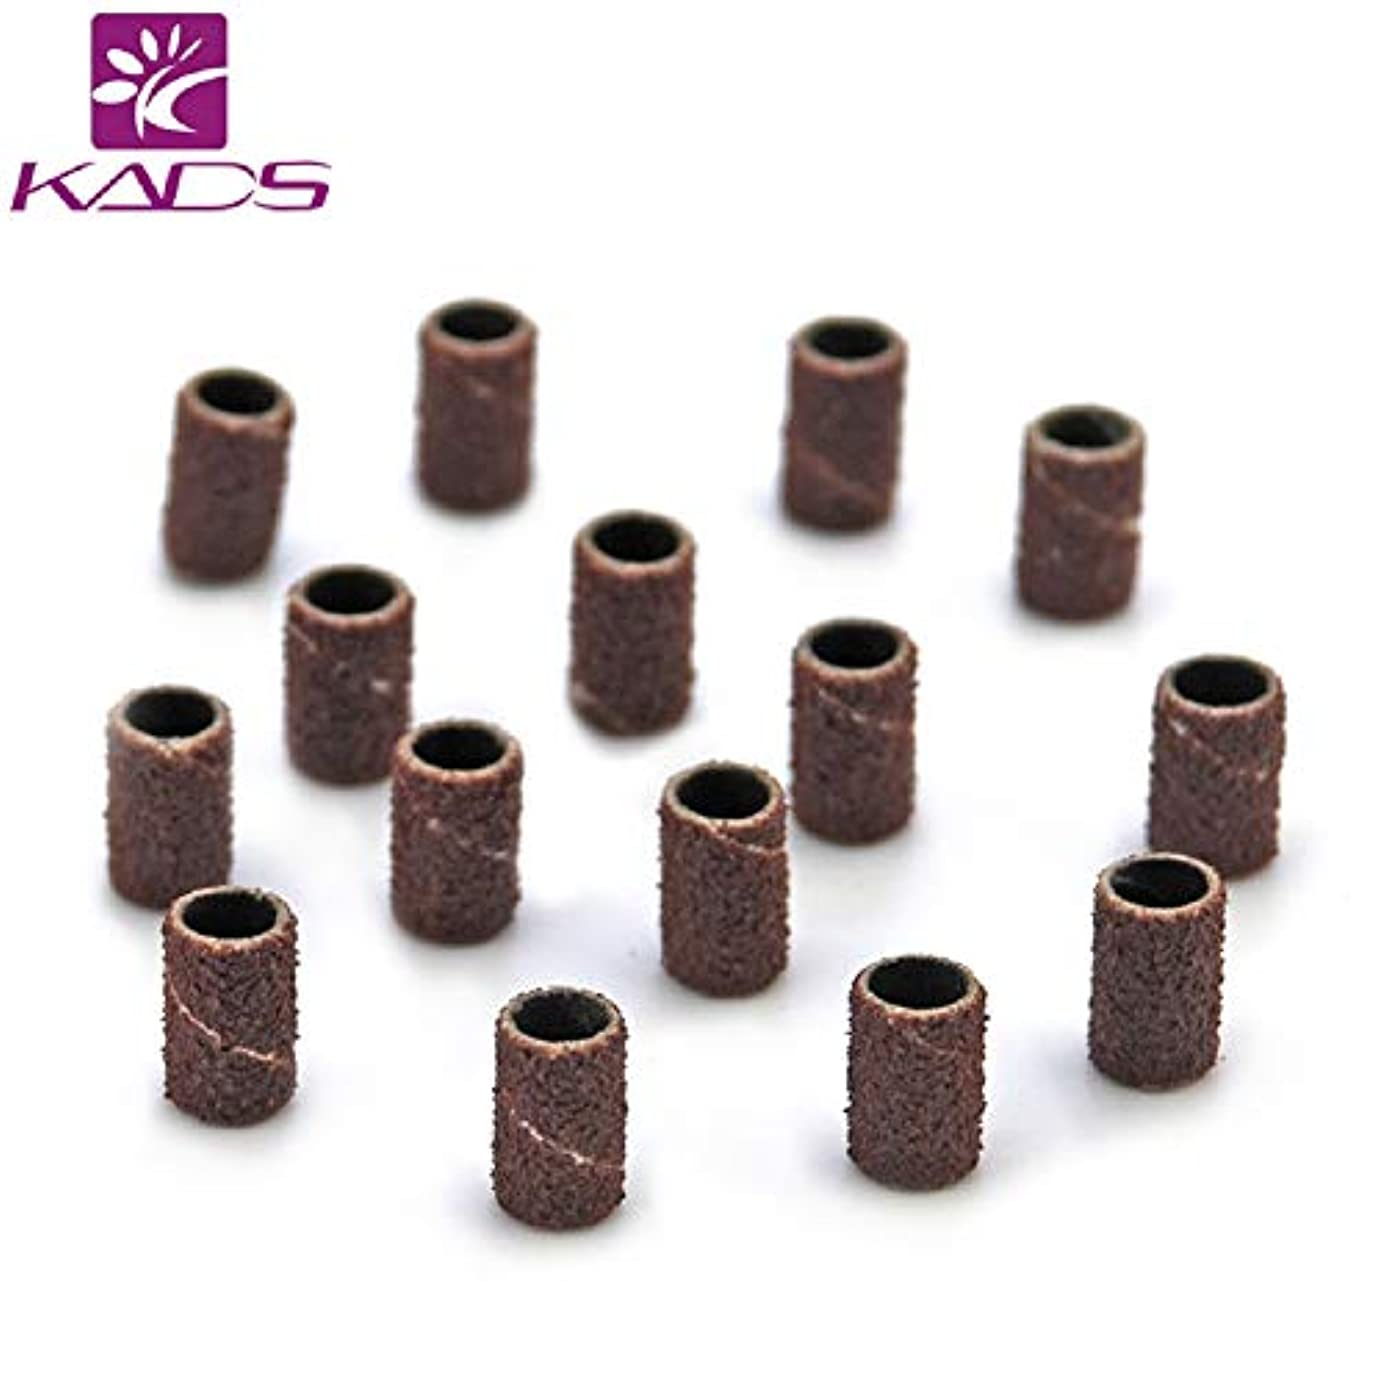 添加忌み嫌う禁輸KADS高品質サンディングバンド 150個入り ドラムサンダーセット 全5サイズ 研削、研磨 回転工具用